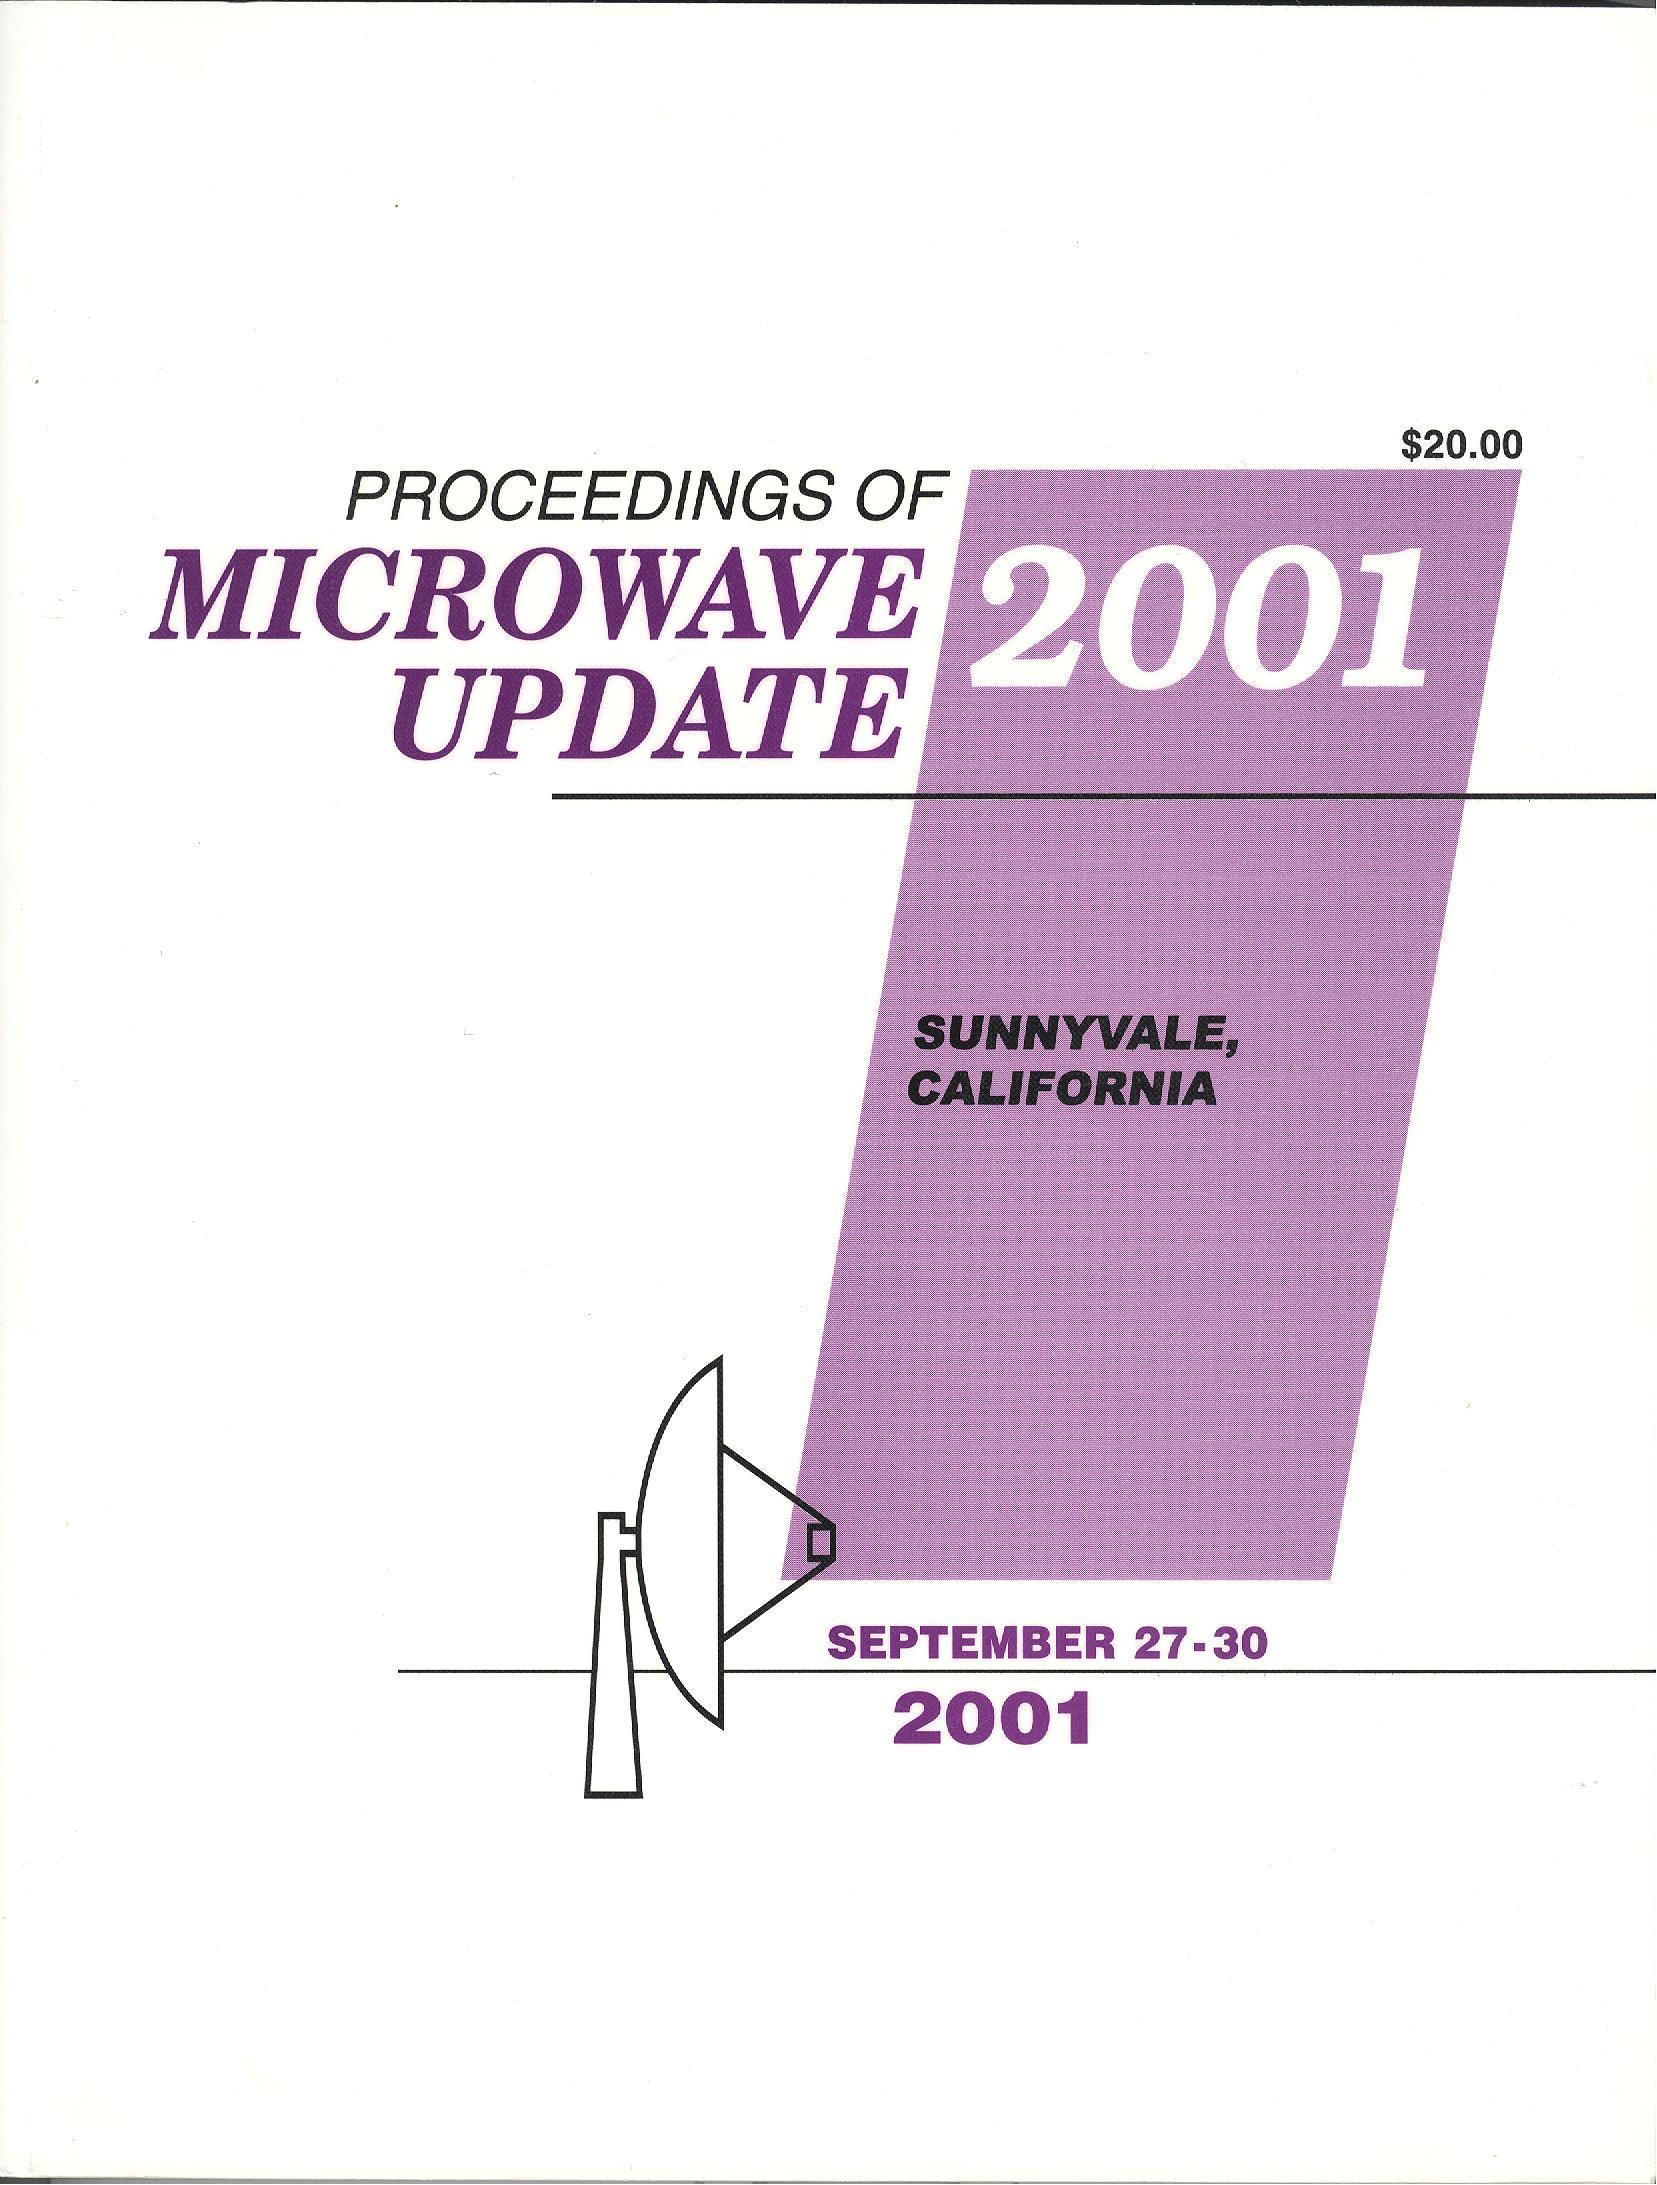 Proceedings of Microwave Update 2001